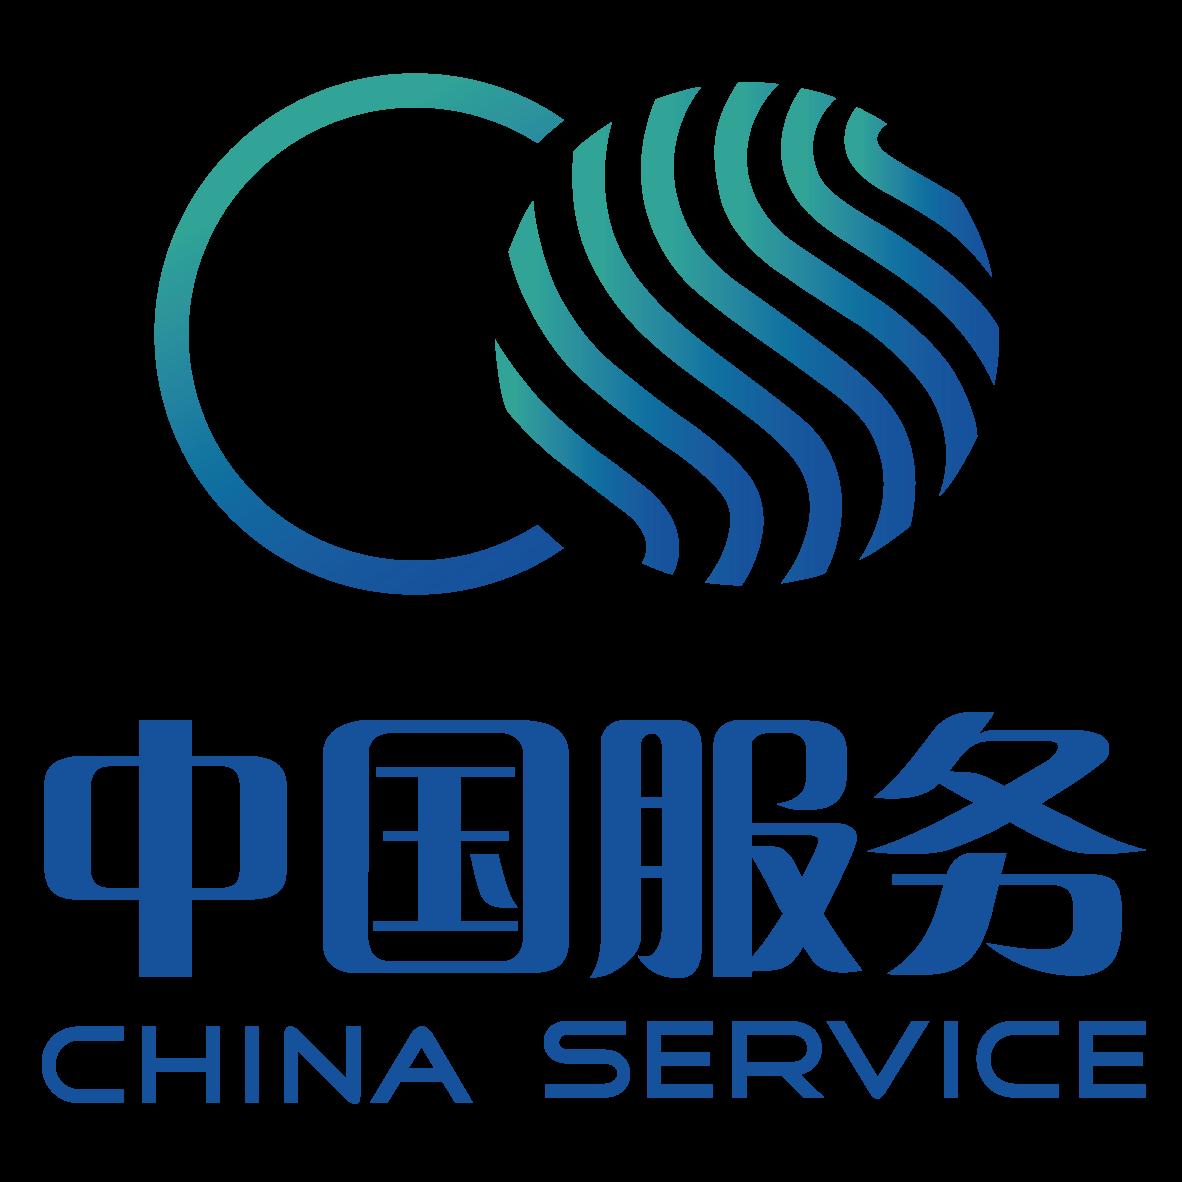 中国 輸出 管理 法